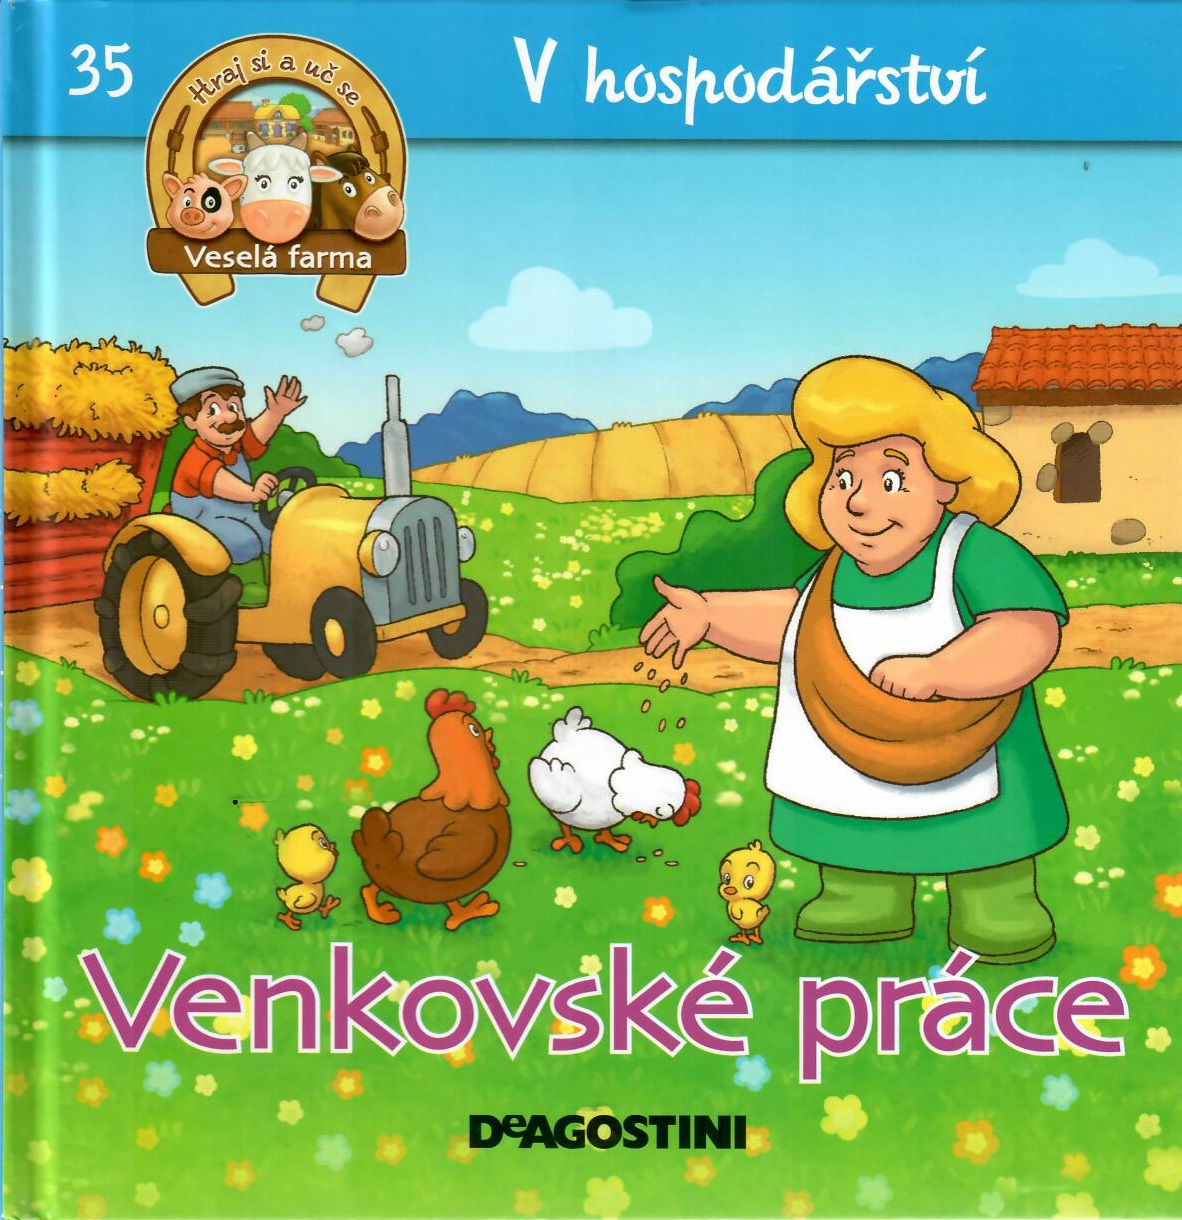 V hospodářství 35 - Venkovské práce (Veselá farma)